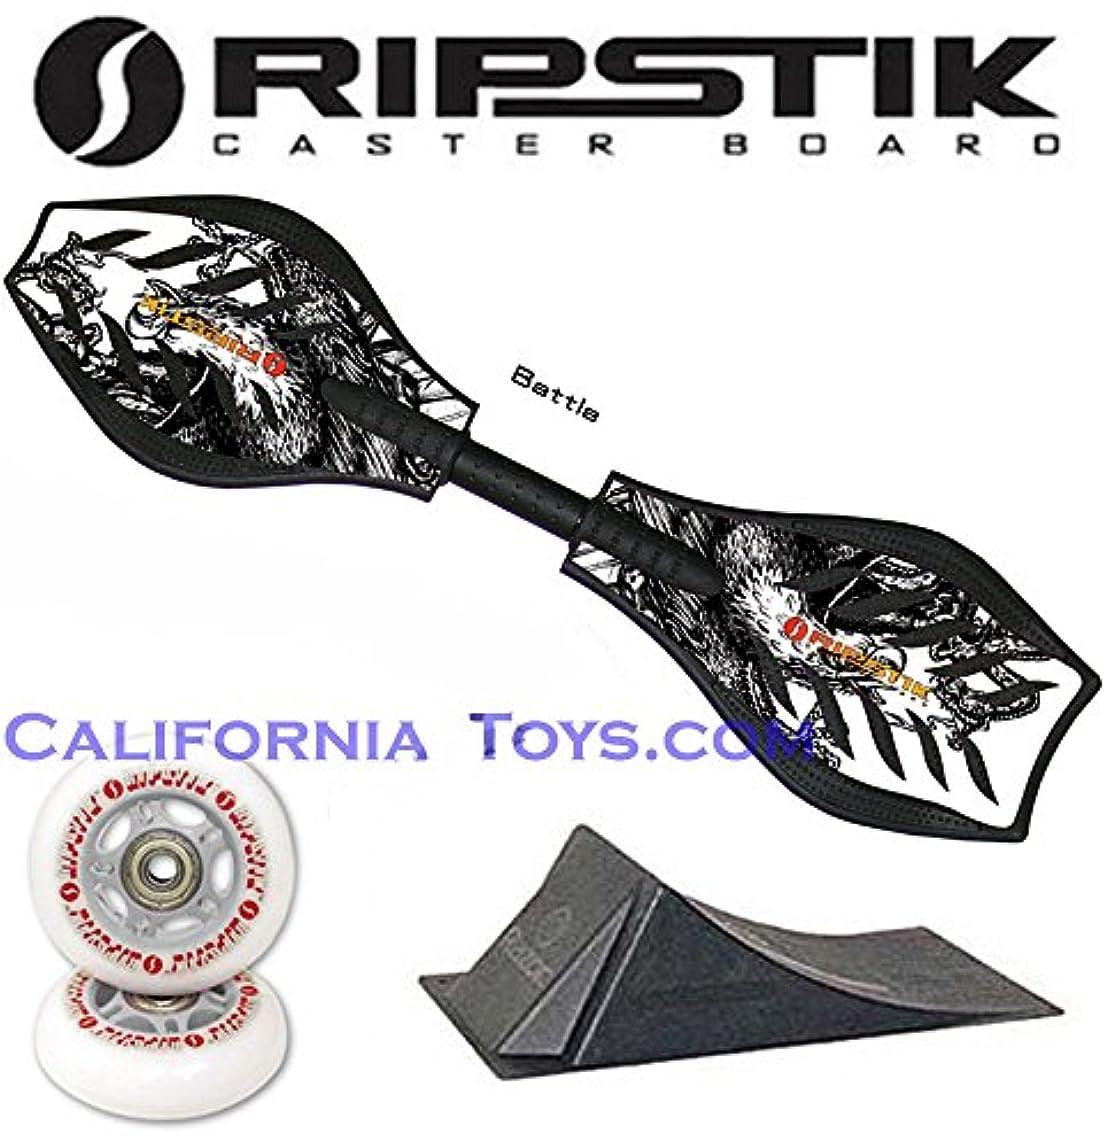 アカウントコーデリア灌漑Razor Ripstik 限定版 バトルキャスターボード スケートボード パンクスロープとグレーホイールの追加セット